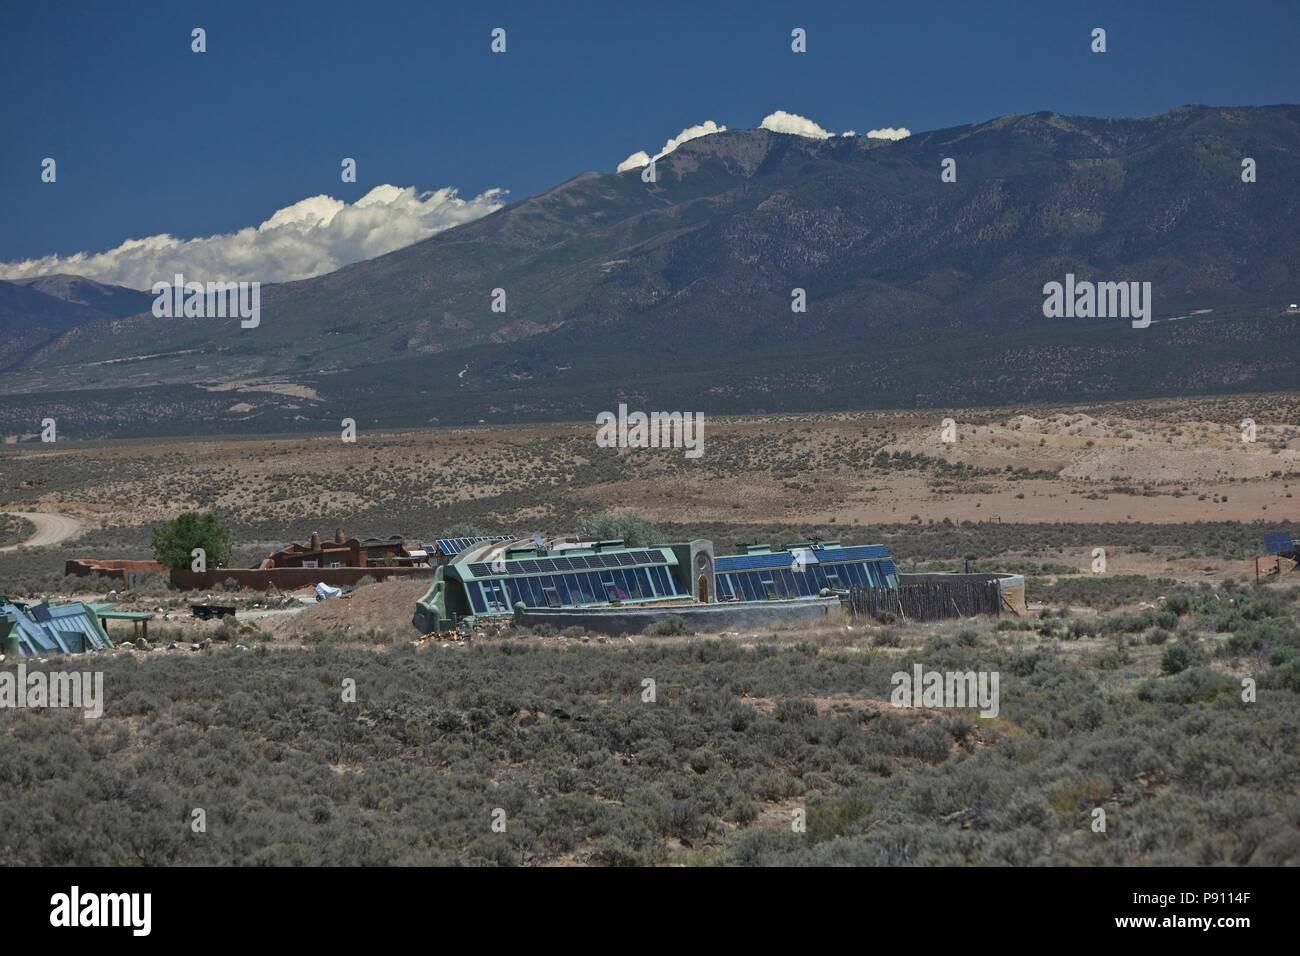 Innovador y mantener viviendas earthship localizado en las afueras de Taos de Nuevo México. Las viviendas utilizan materiales reciclados y materiales sostenibles y confiar en el p Imagen De Stock